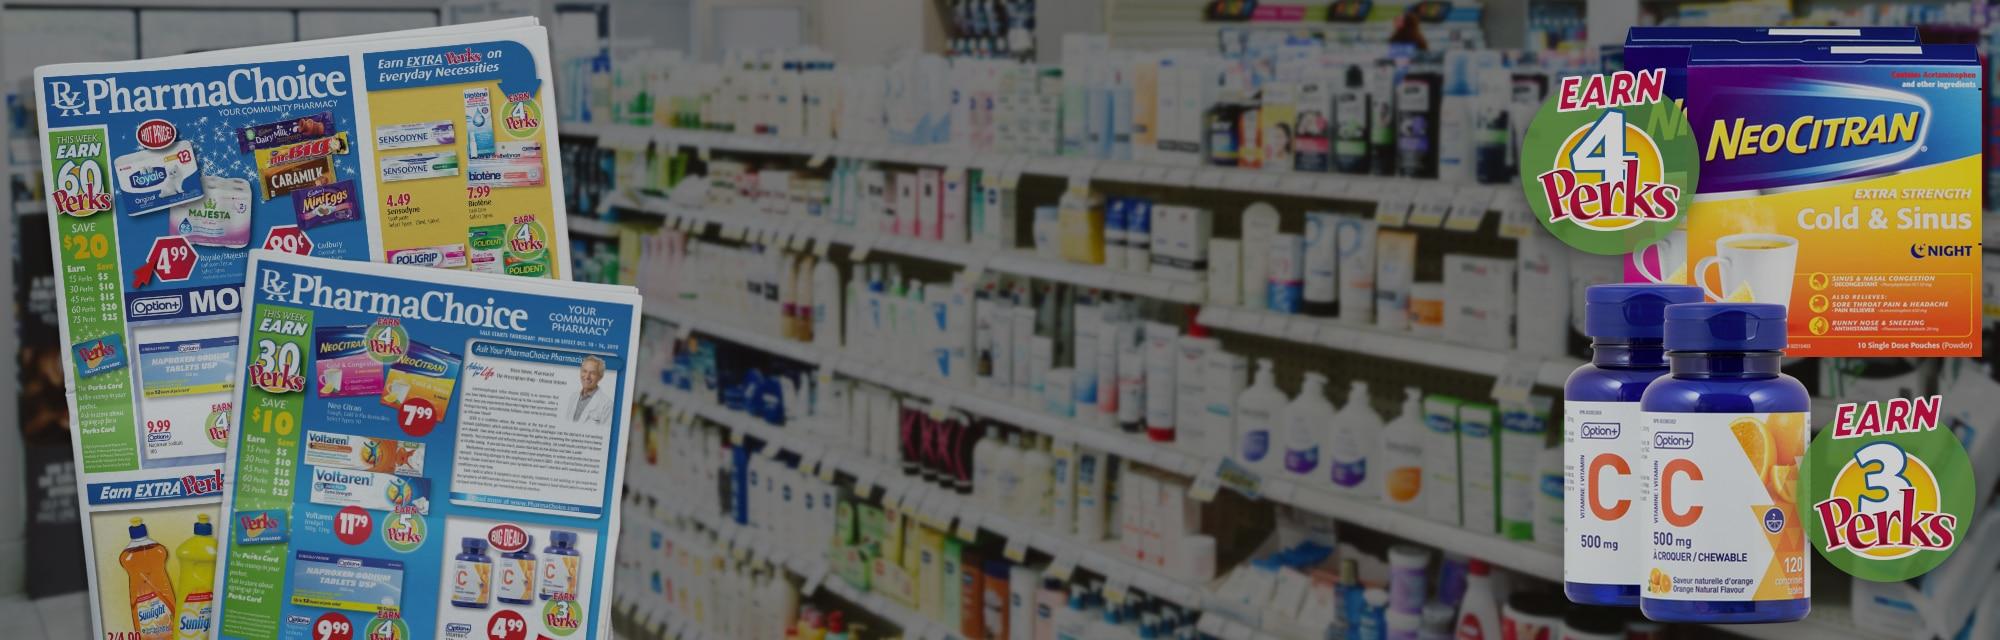 PharmaChoice Local Pharmacy